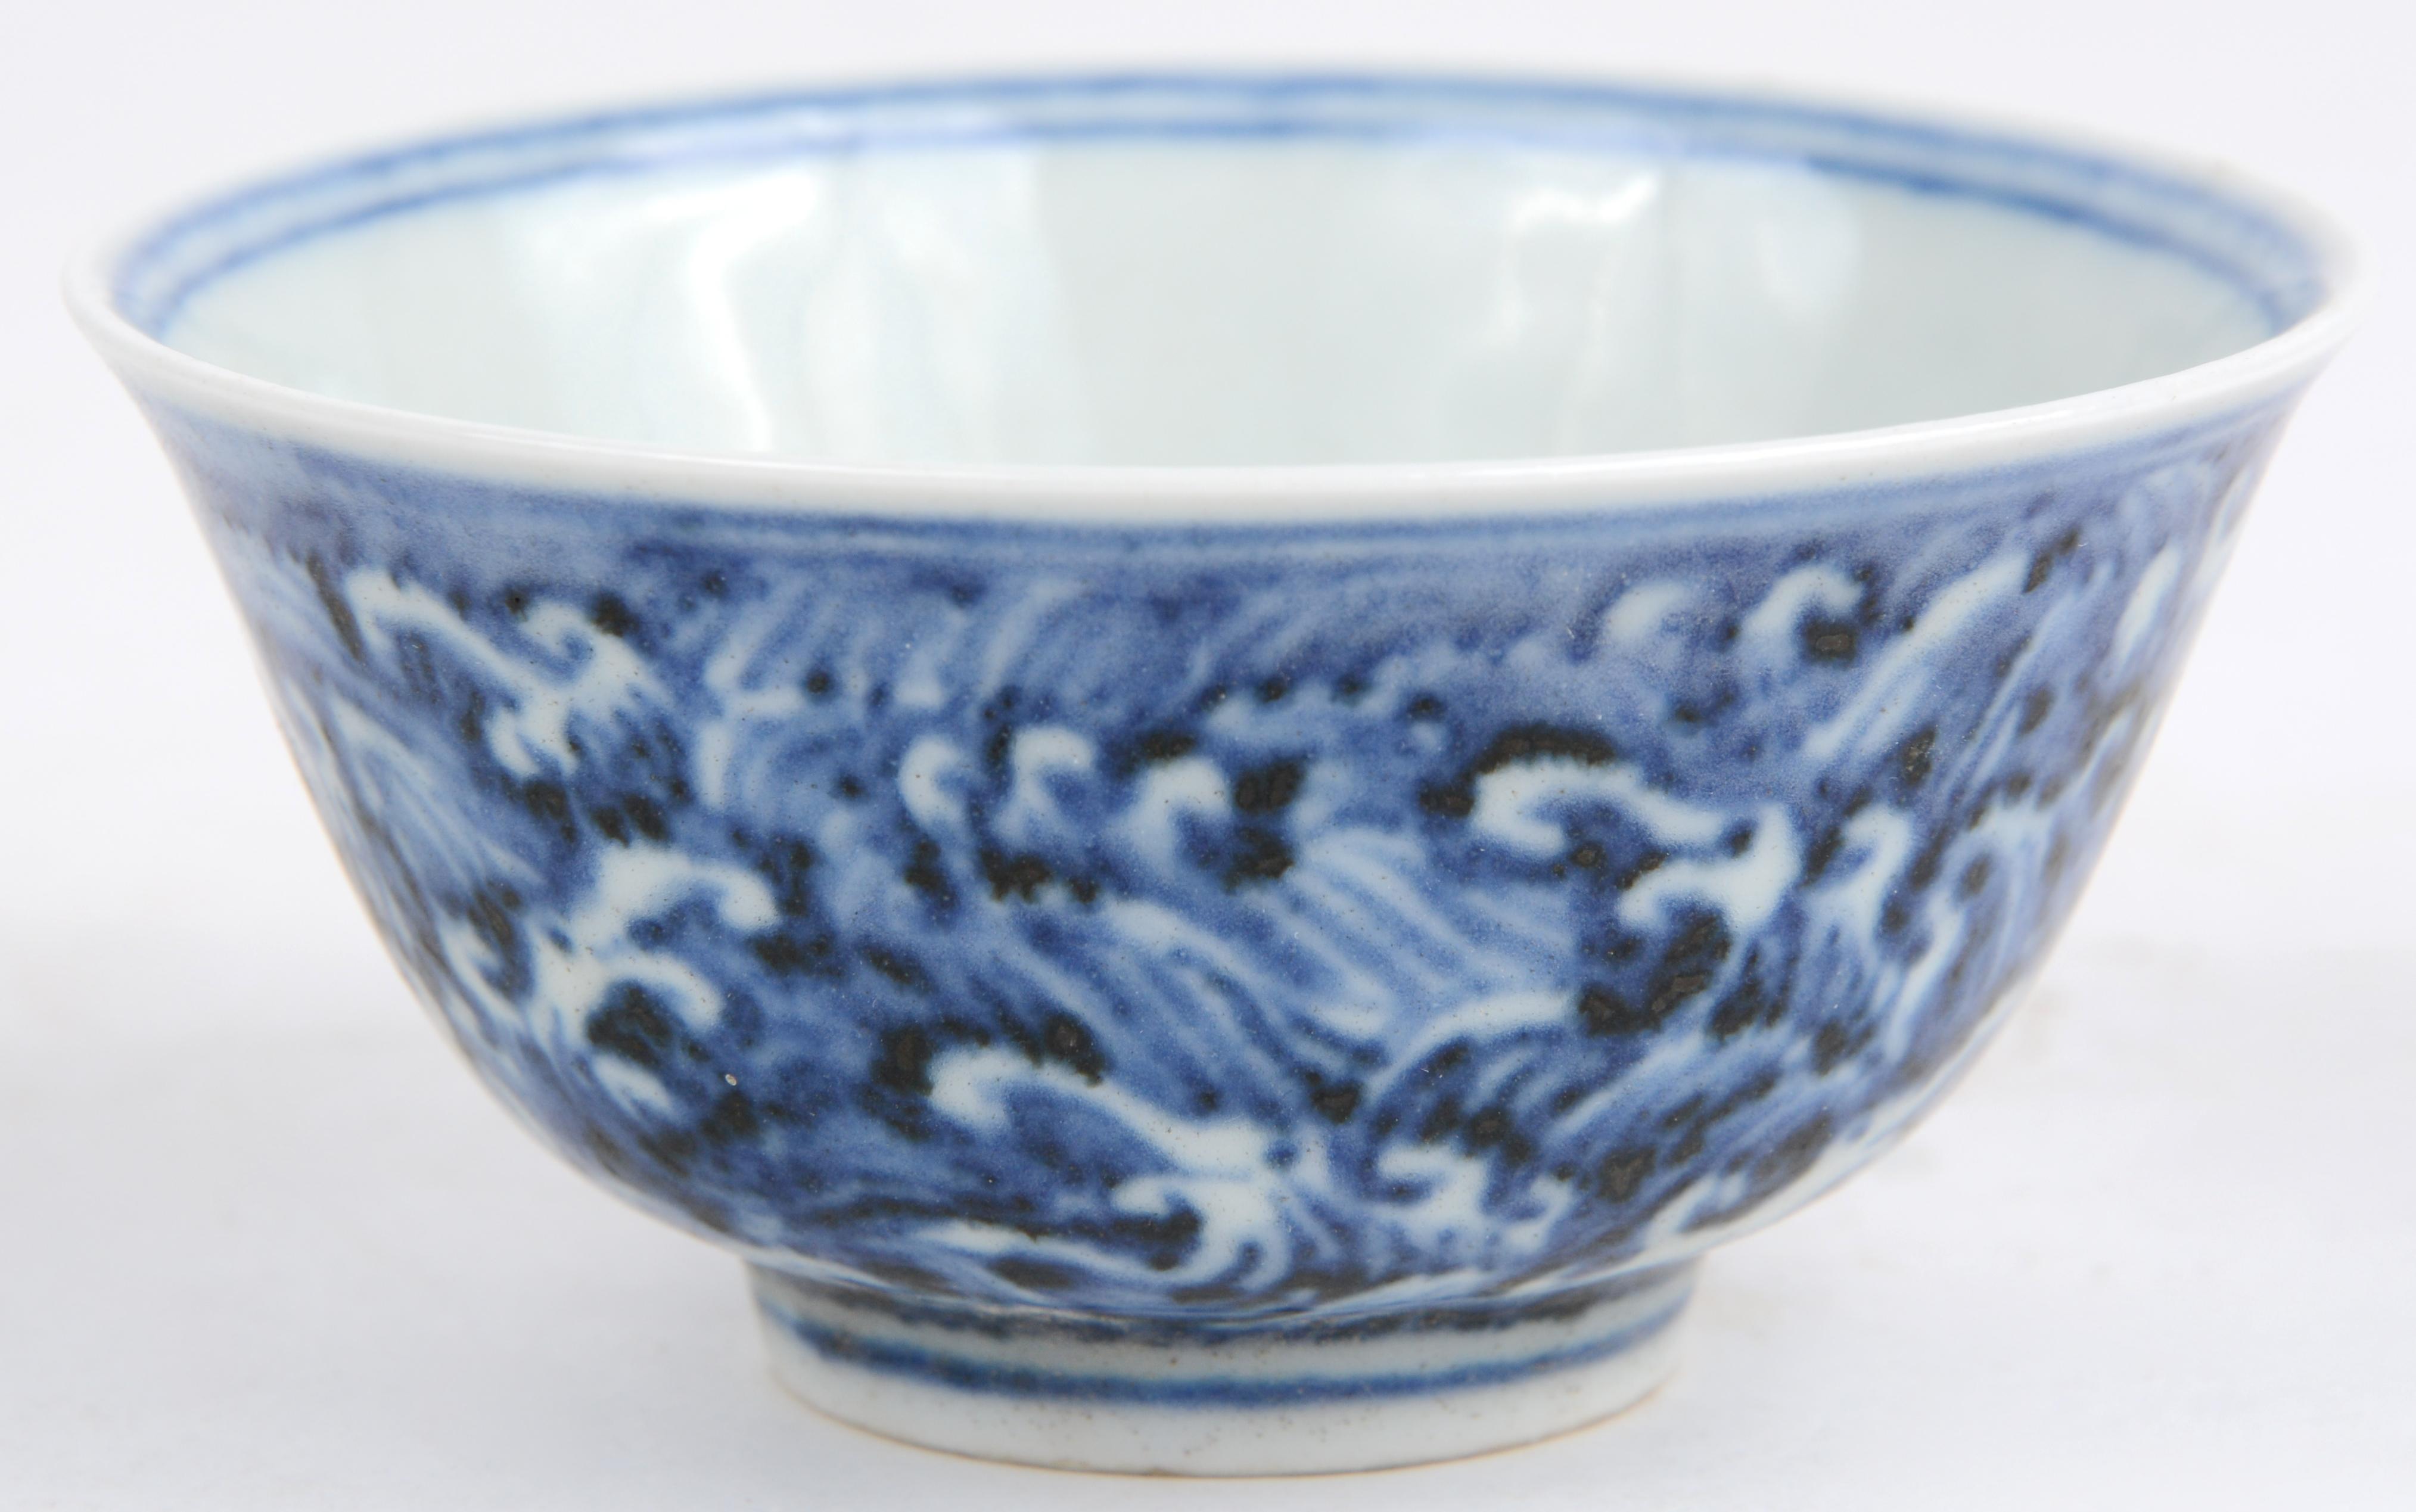 Chinees Porselein Merktekens Japans Porselein.Een Waterkommetje Van Blauw En Wit Chinees Porselein Met Chinese